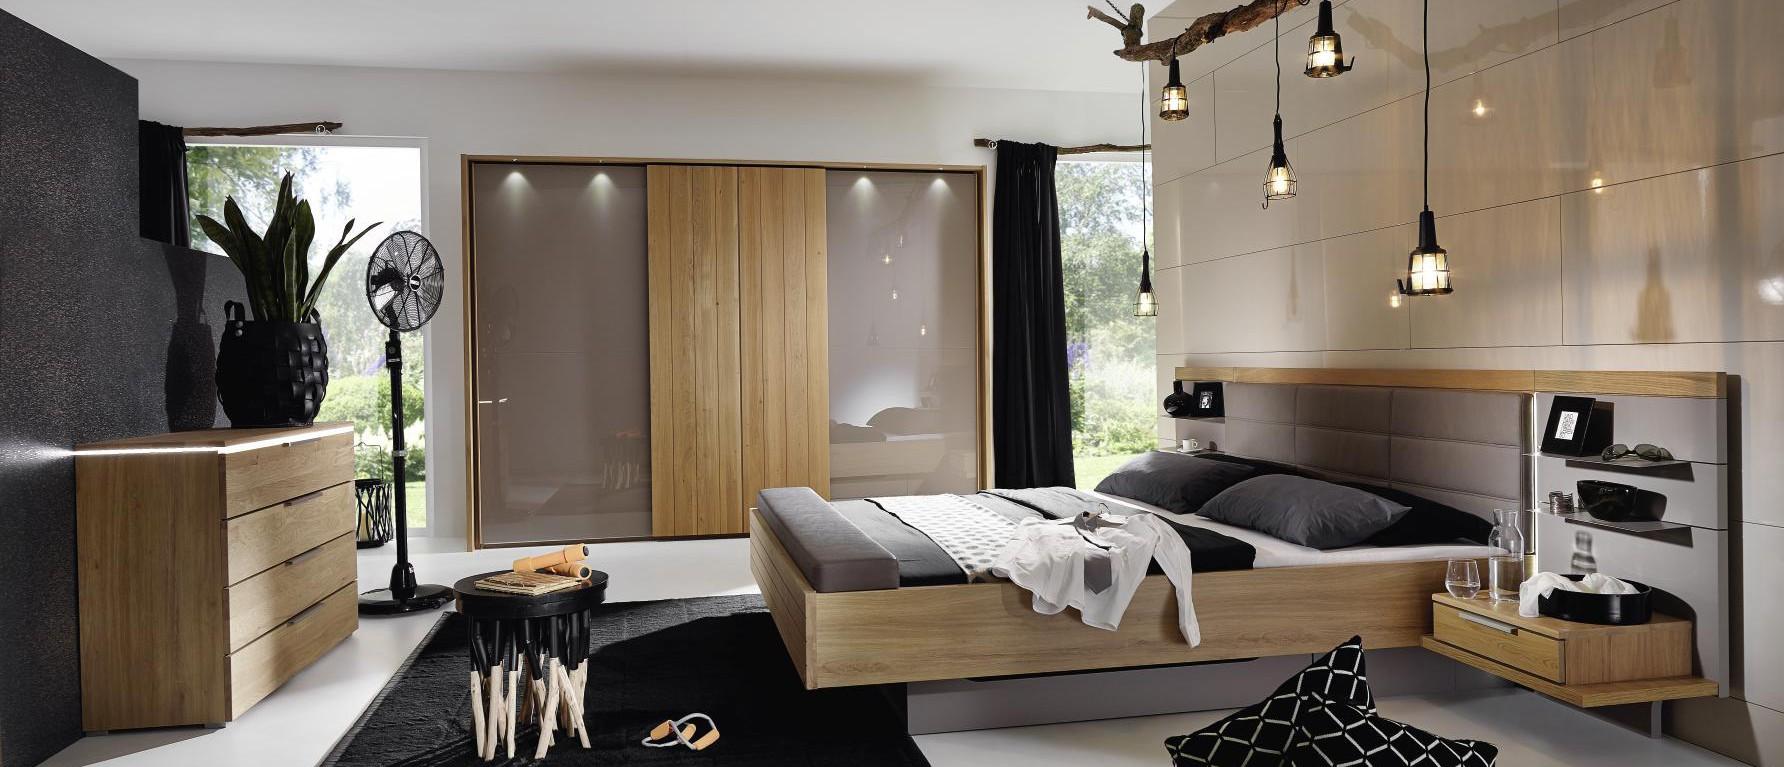 einrichter tischlerei jowi m bel in leonstein. Black Bedroom Furniture Sets. Home Design Ideas